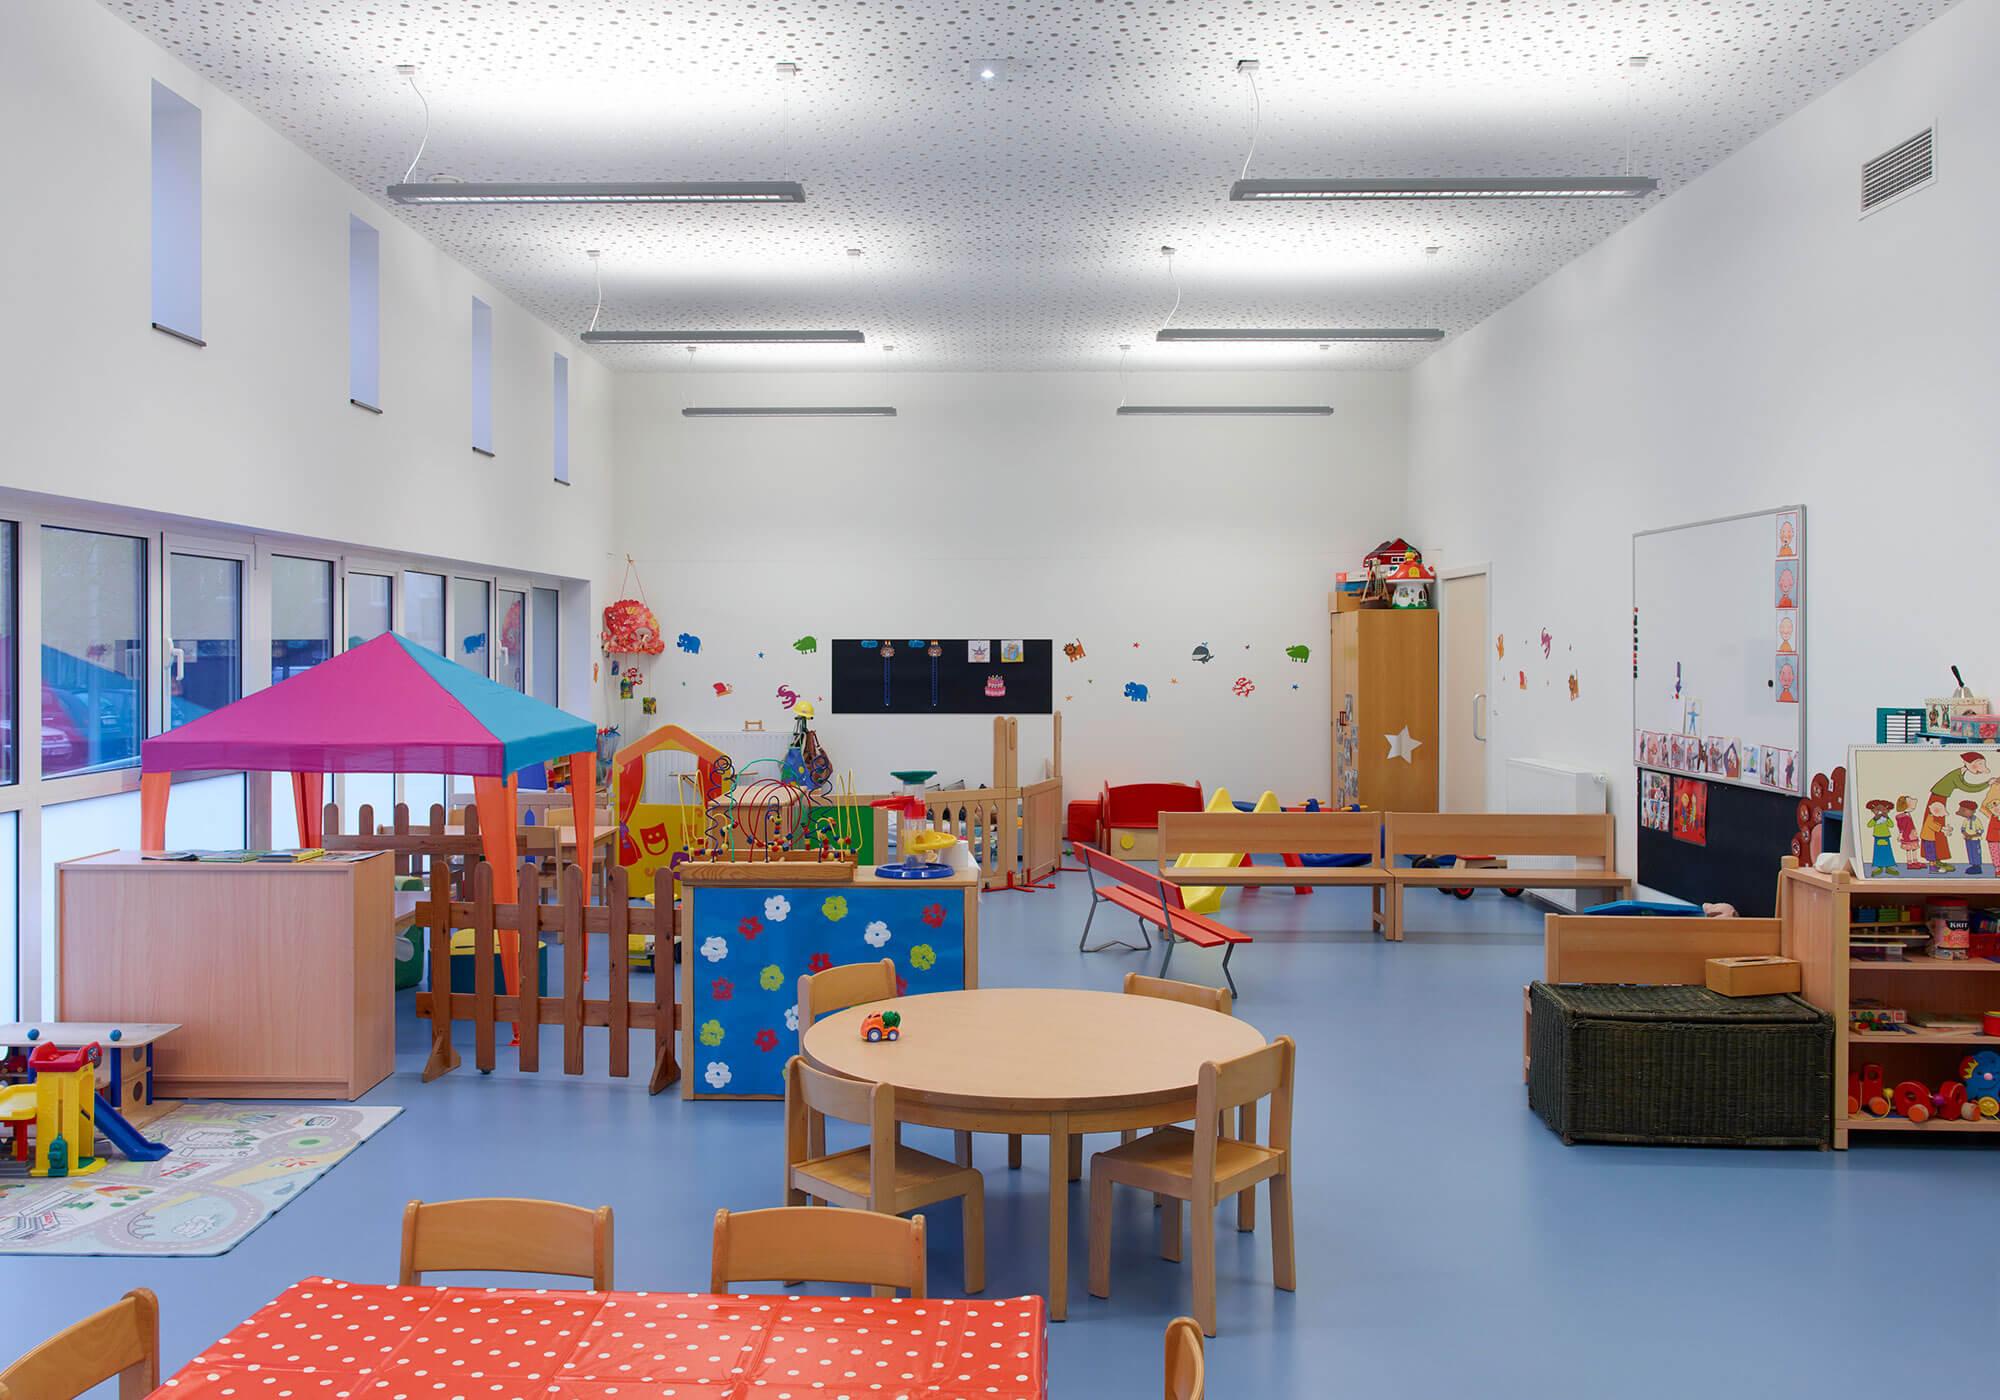 Interieurbeeld van de speel-lokalen. Deze werden voorzien van een duurzame, warme en makkelijk te reinigen rubberen vloer.